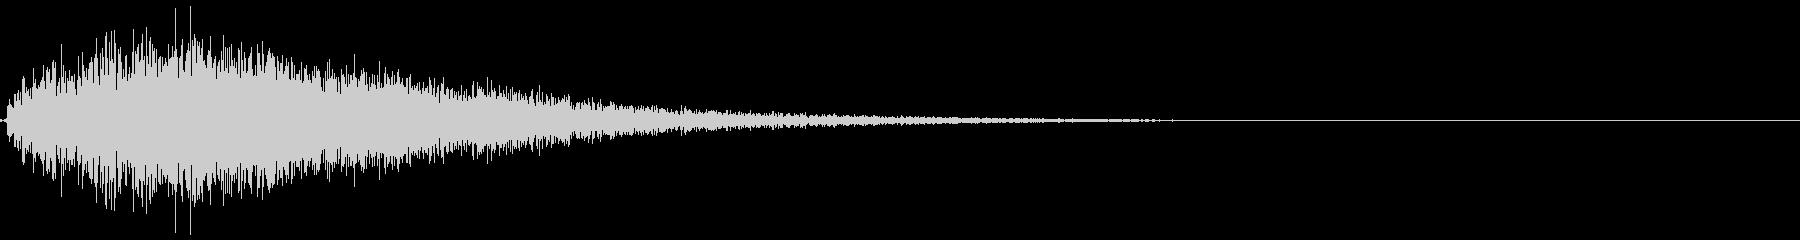 パキューン(銃の発射音)の未再生の波形